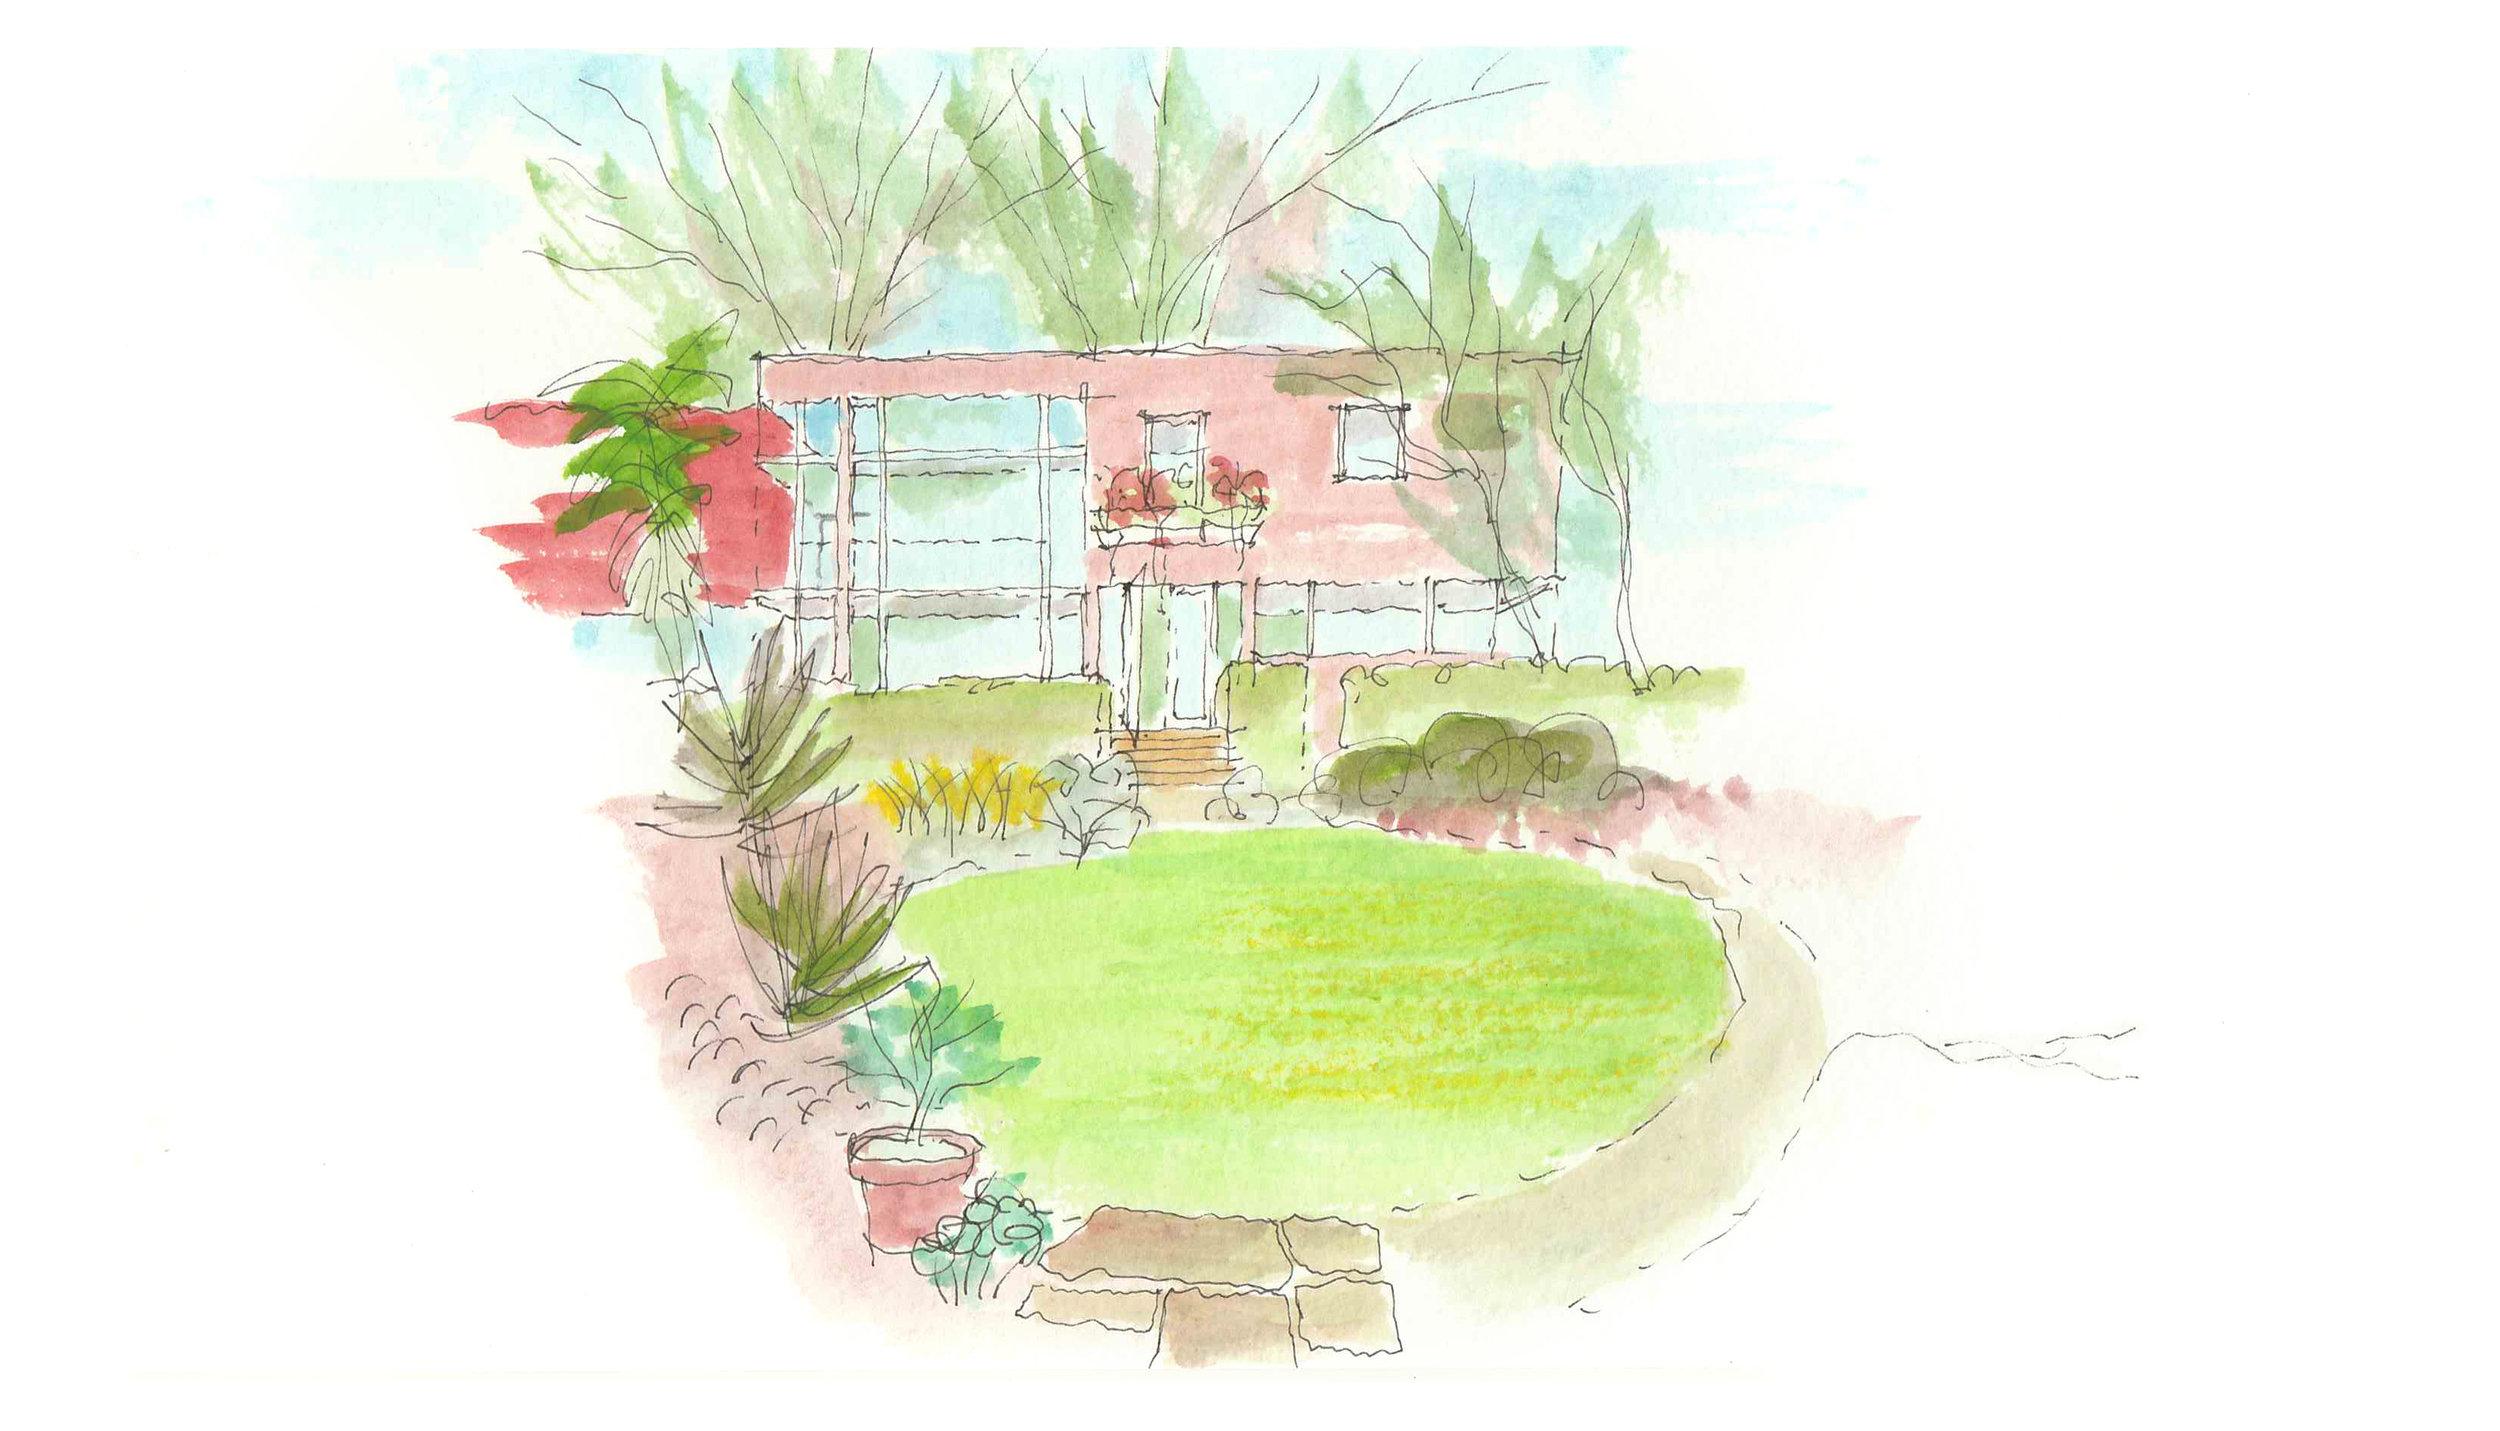 Frank's Home Sketch.jpg